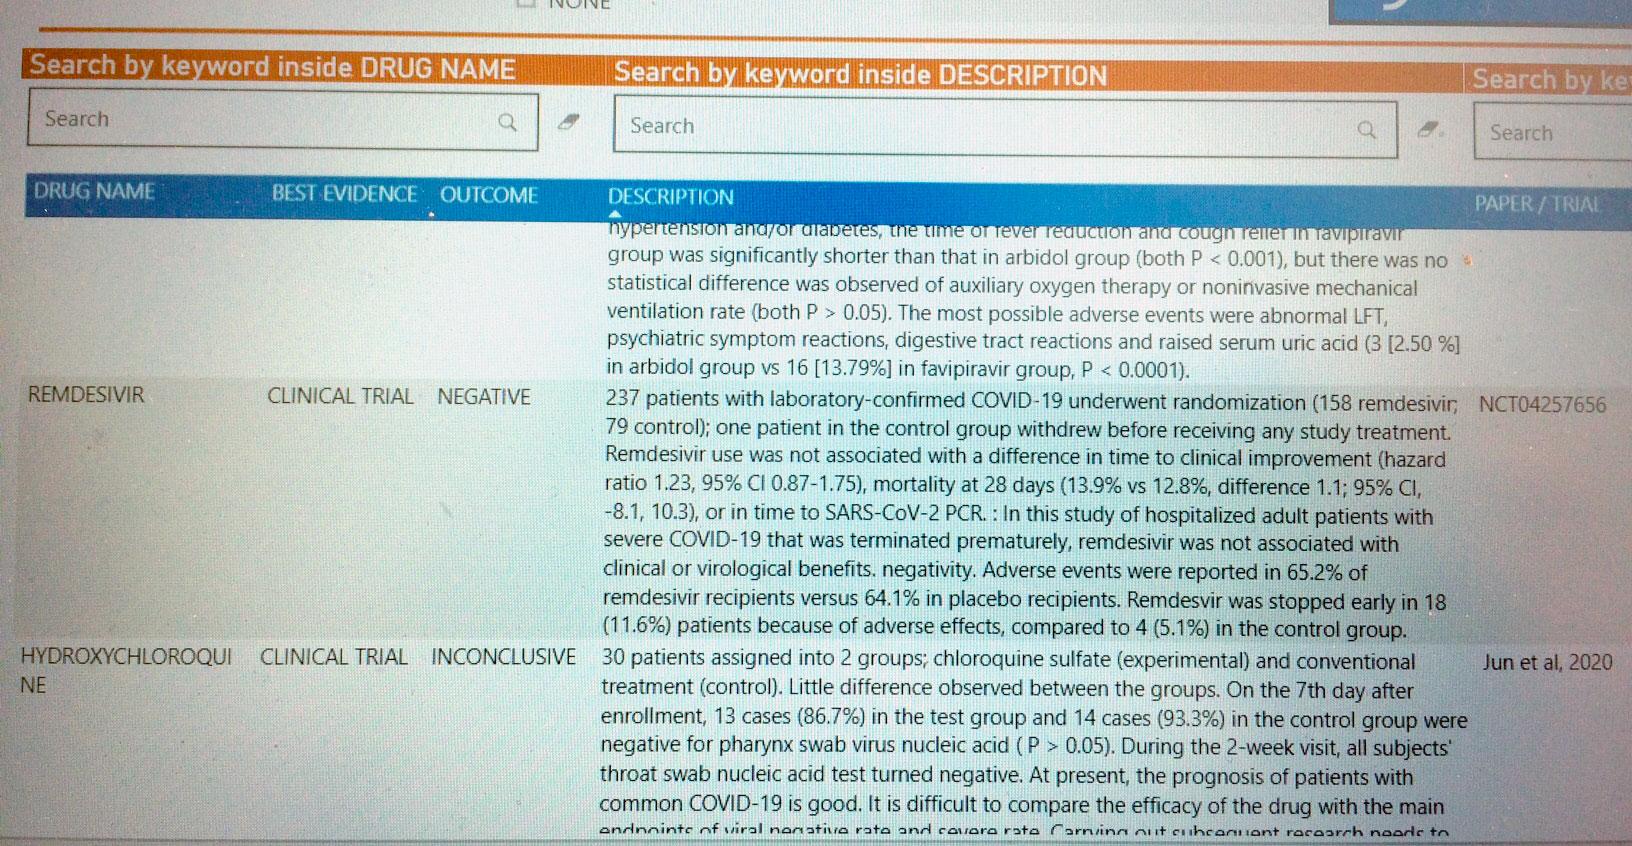 remdesivir nct04257656 results - Коронавирус. Лекарства. Ремдесивир провалил первую важную проверку